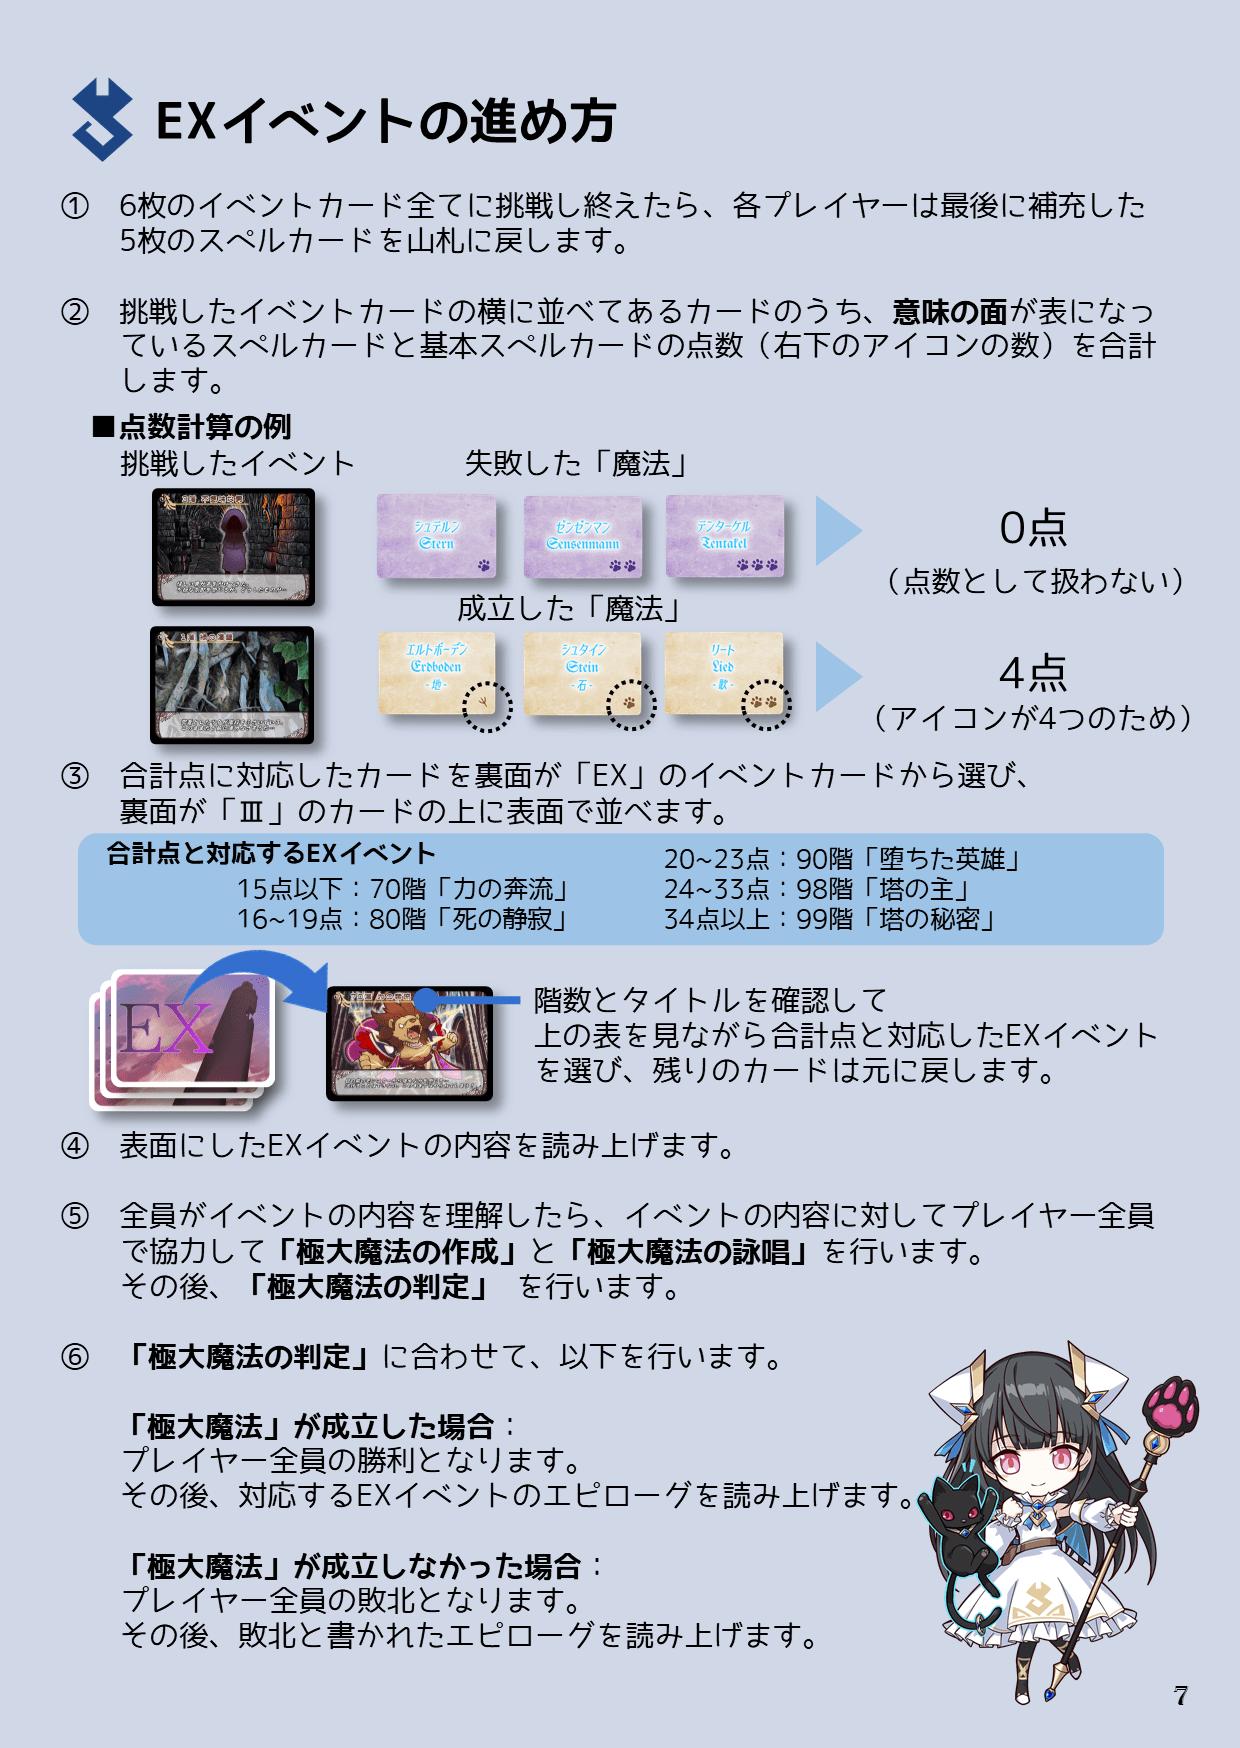 説明書7P